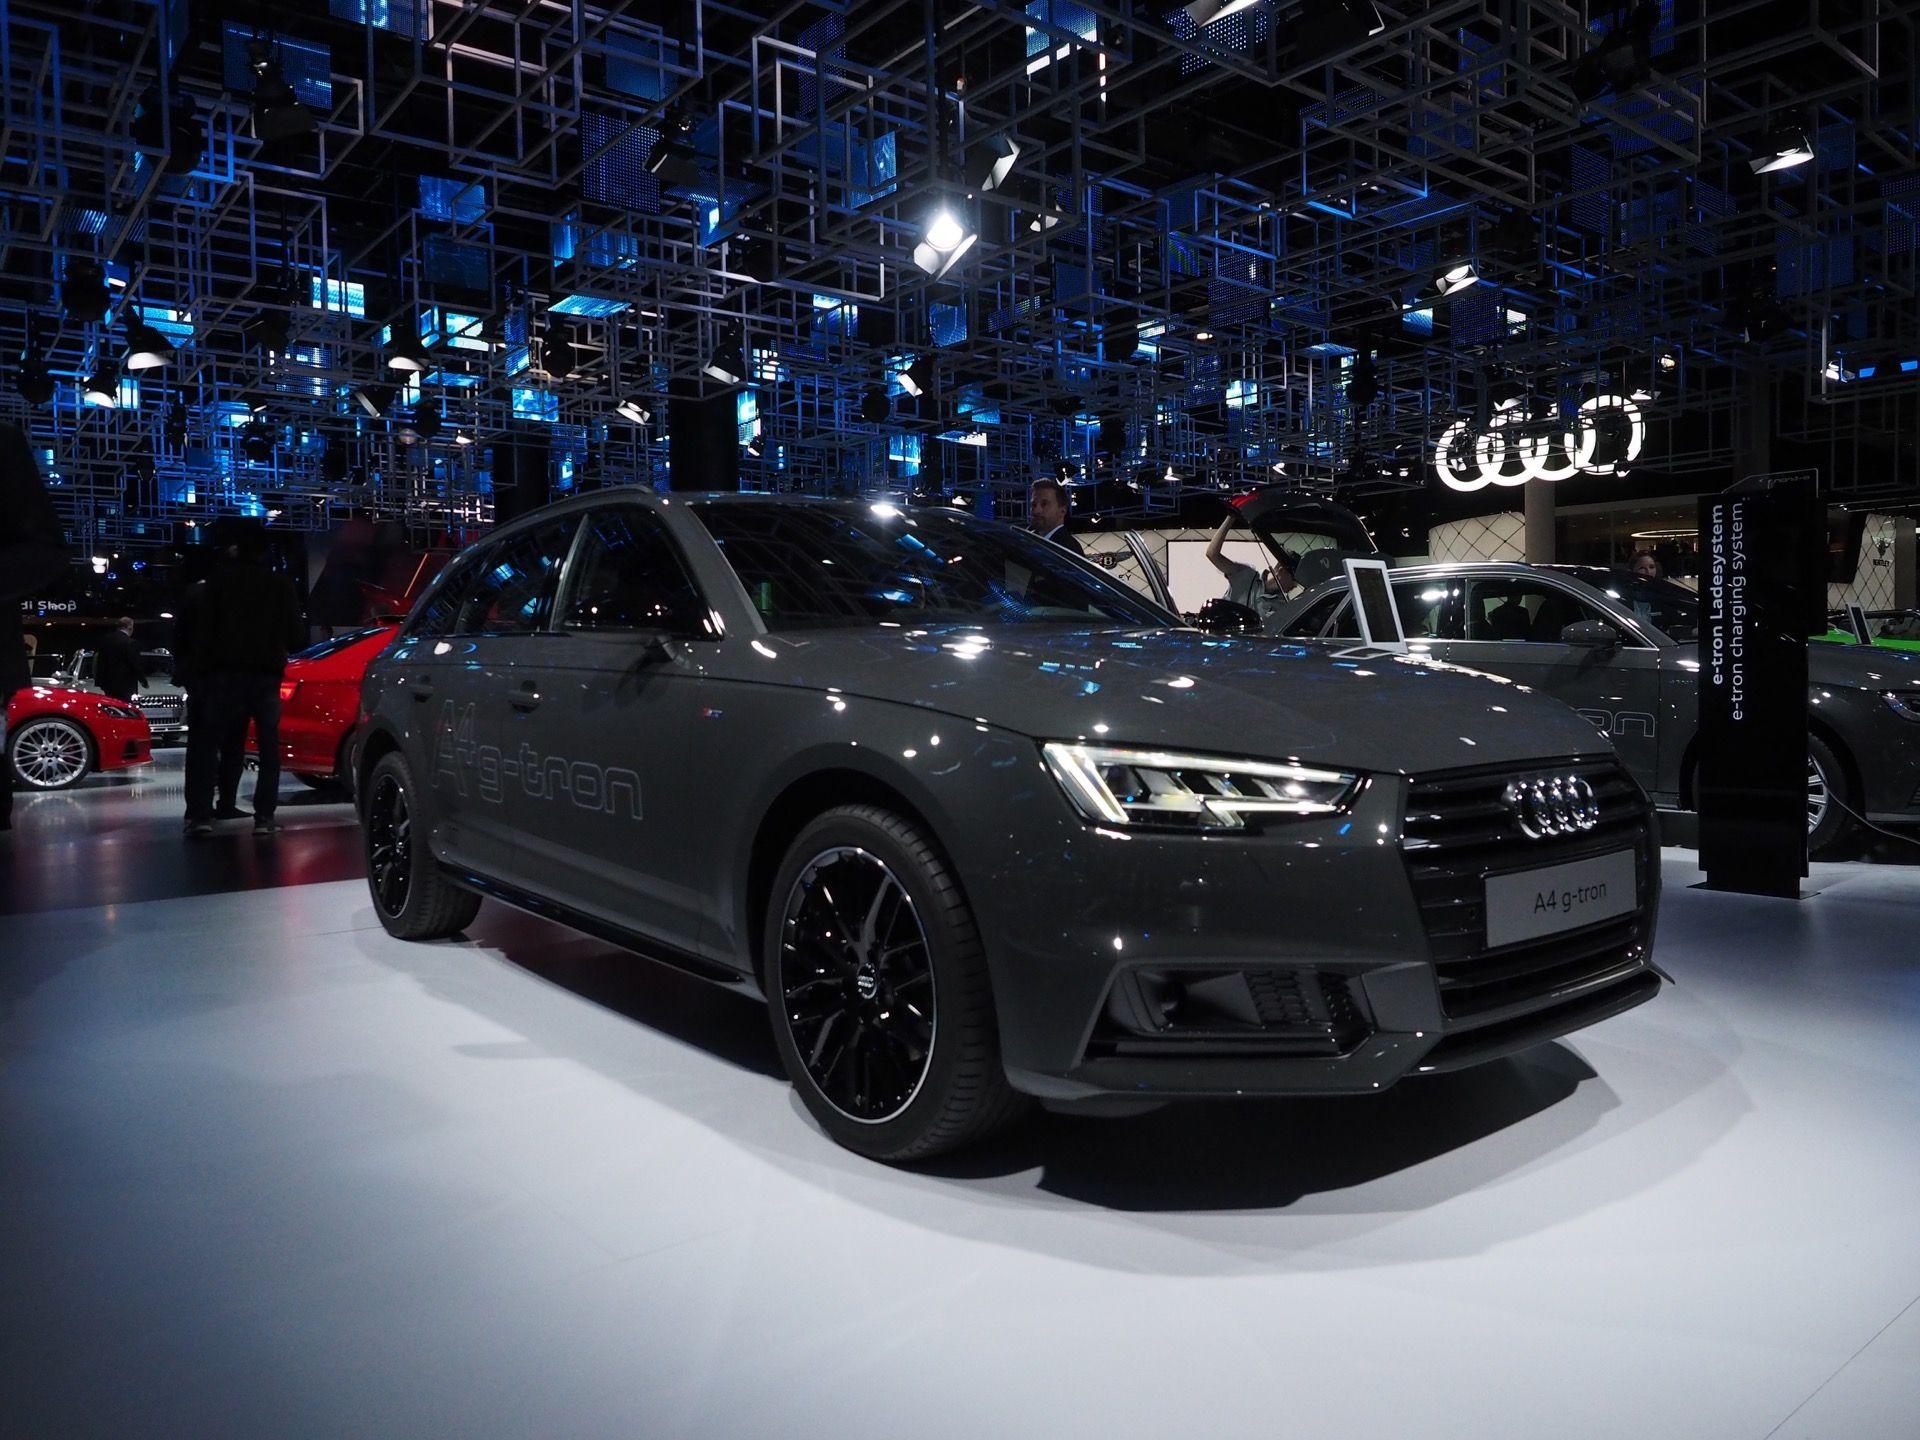 2017 Frankfurt Motor Show Live Photos Audi A4 And Audi A5 Sportback G Tron Audi A5 Audi A5 Sportback Audi